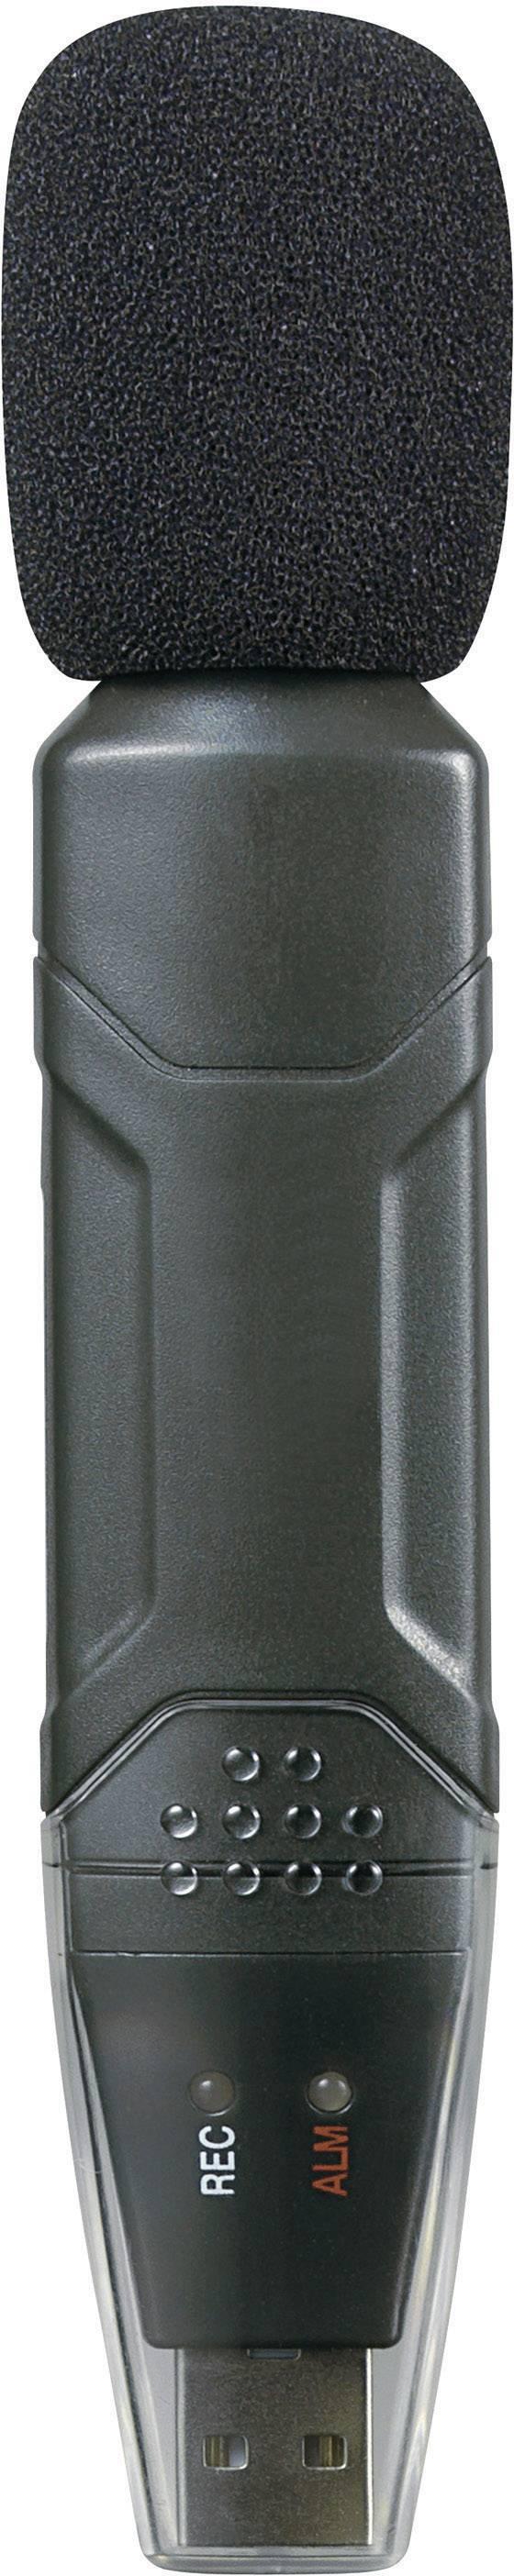 USB datalogger Voltcraft DL-161S pro záznam hluku